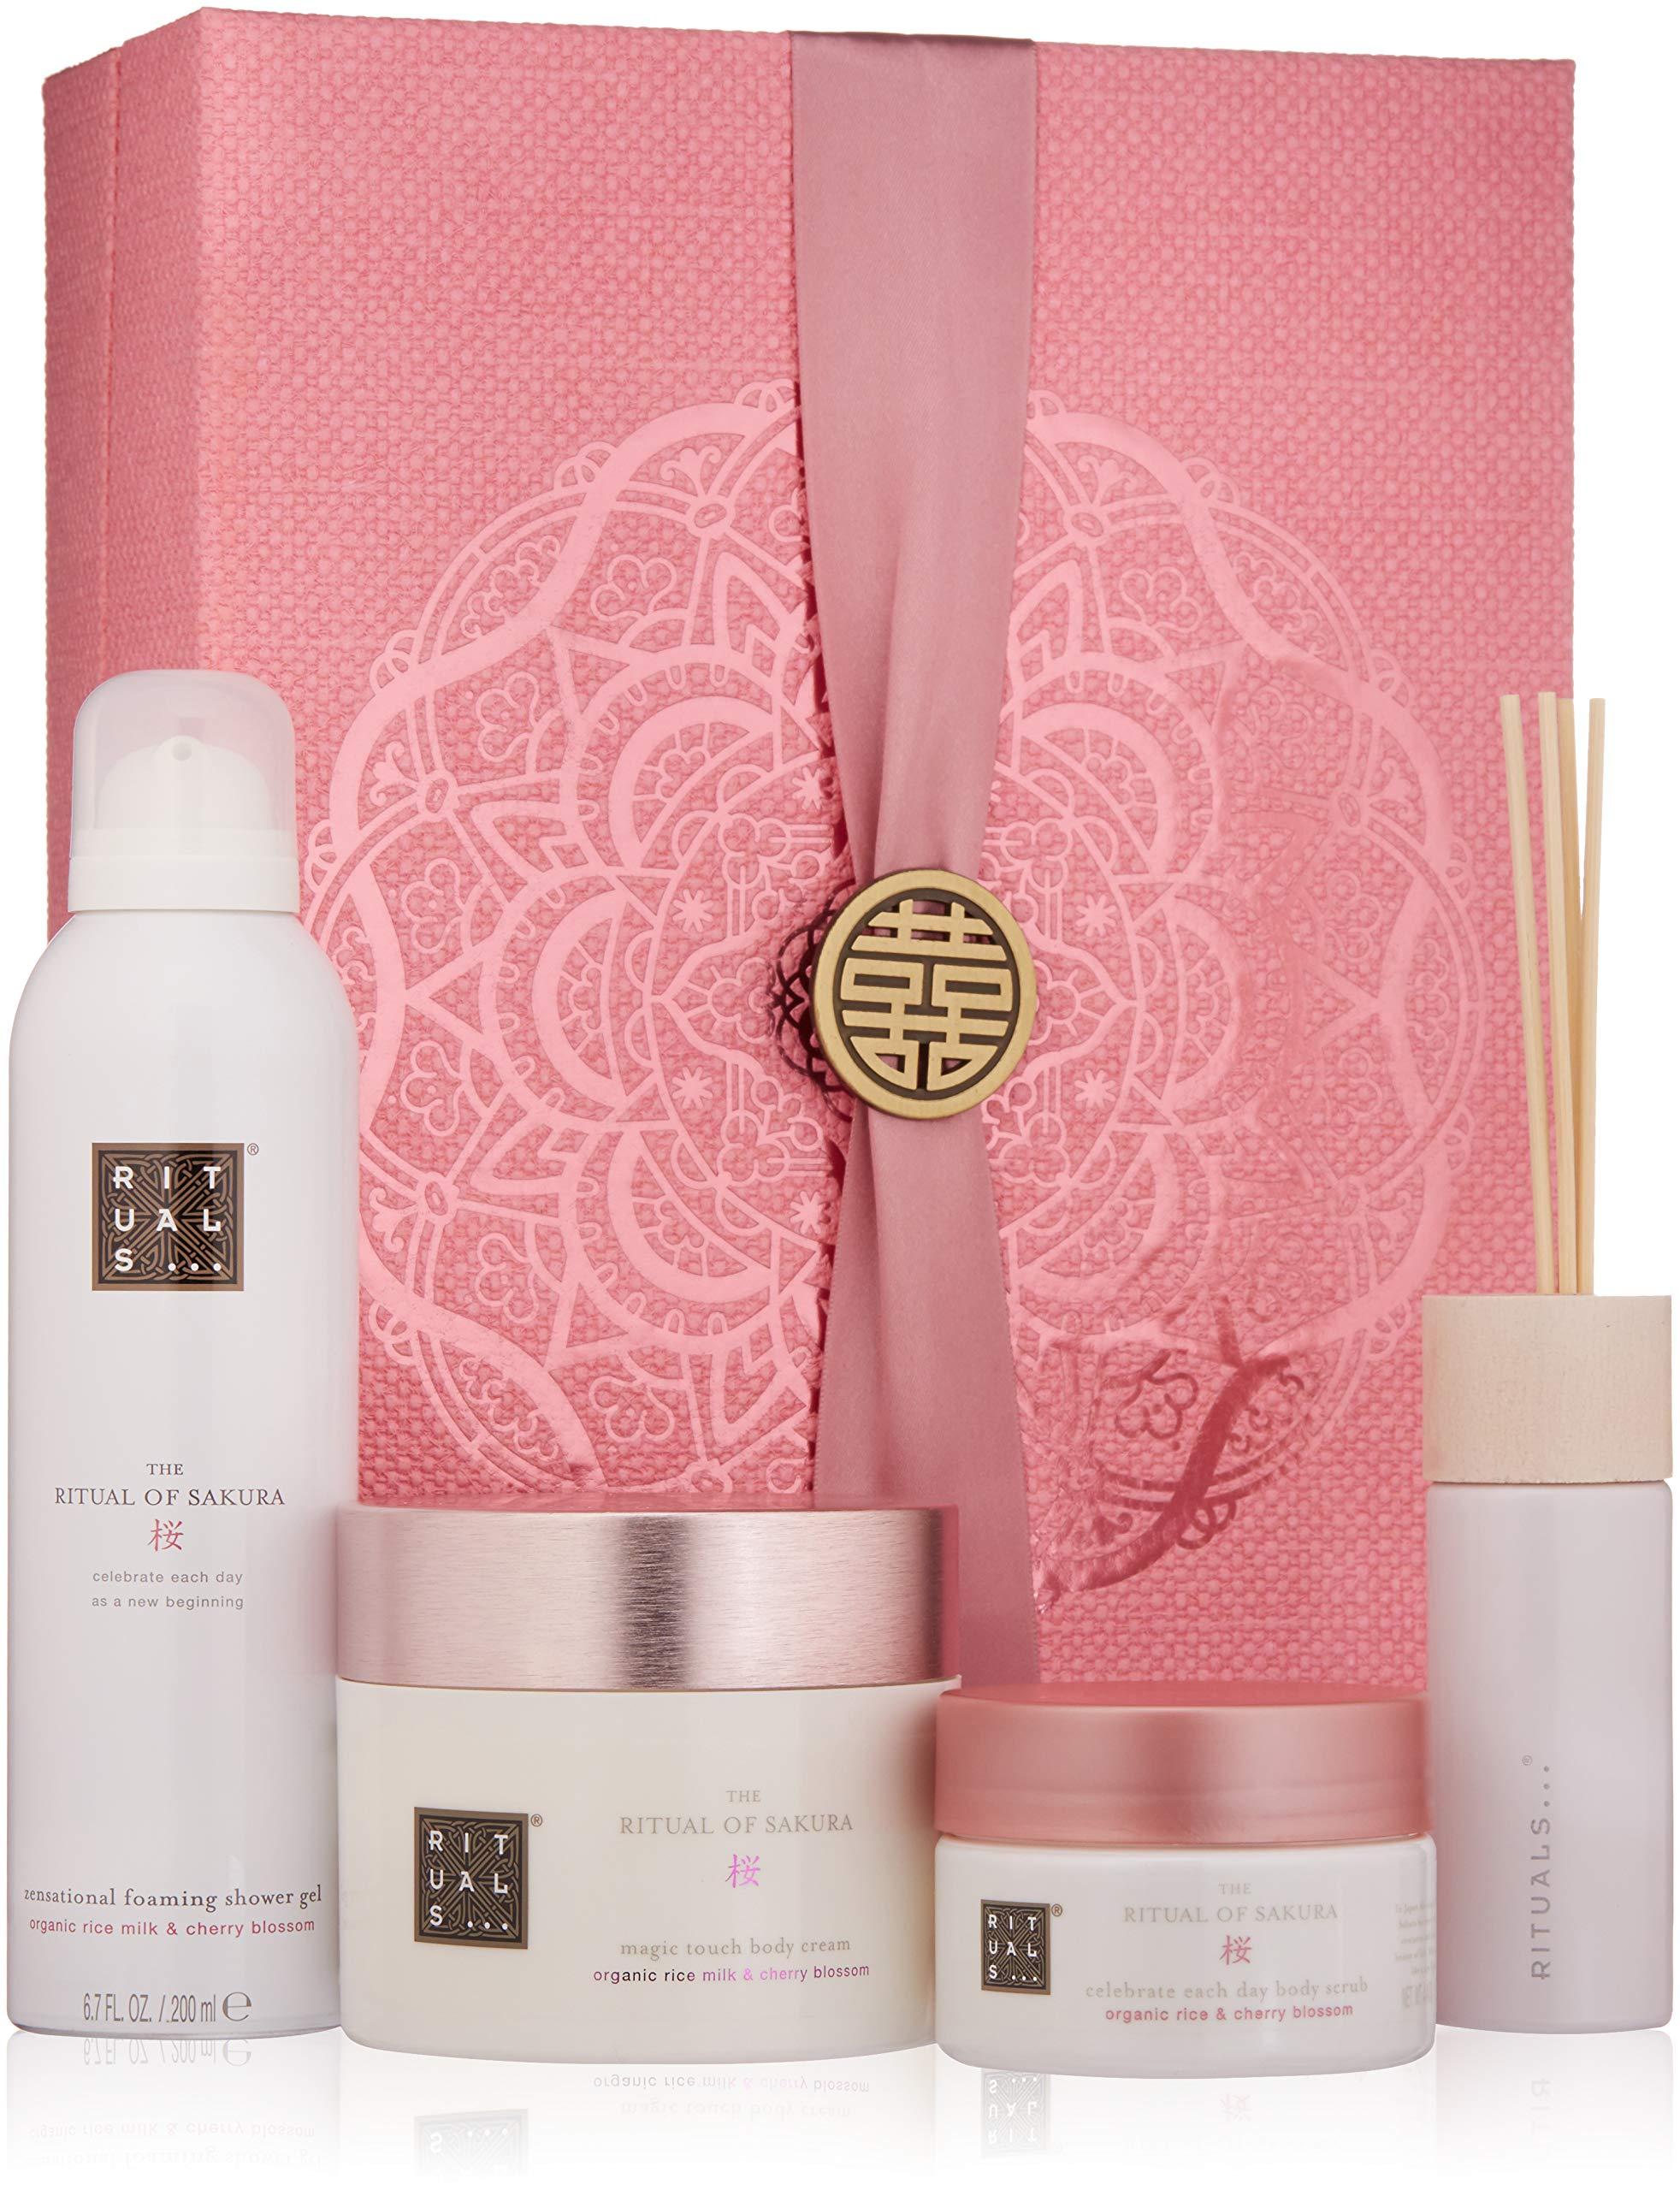 RITUALS The Ritual of Sakura Gift Set Large, Renewing Collection